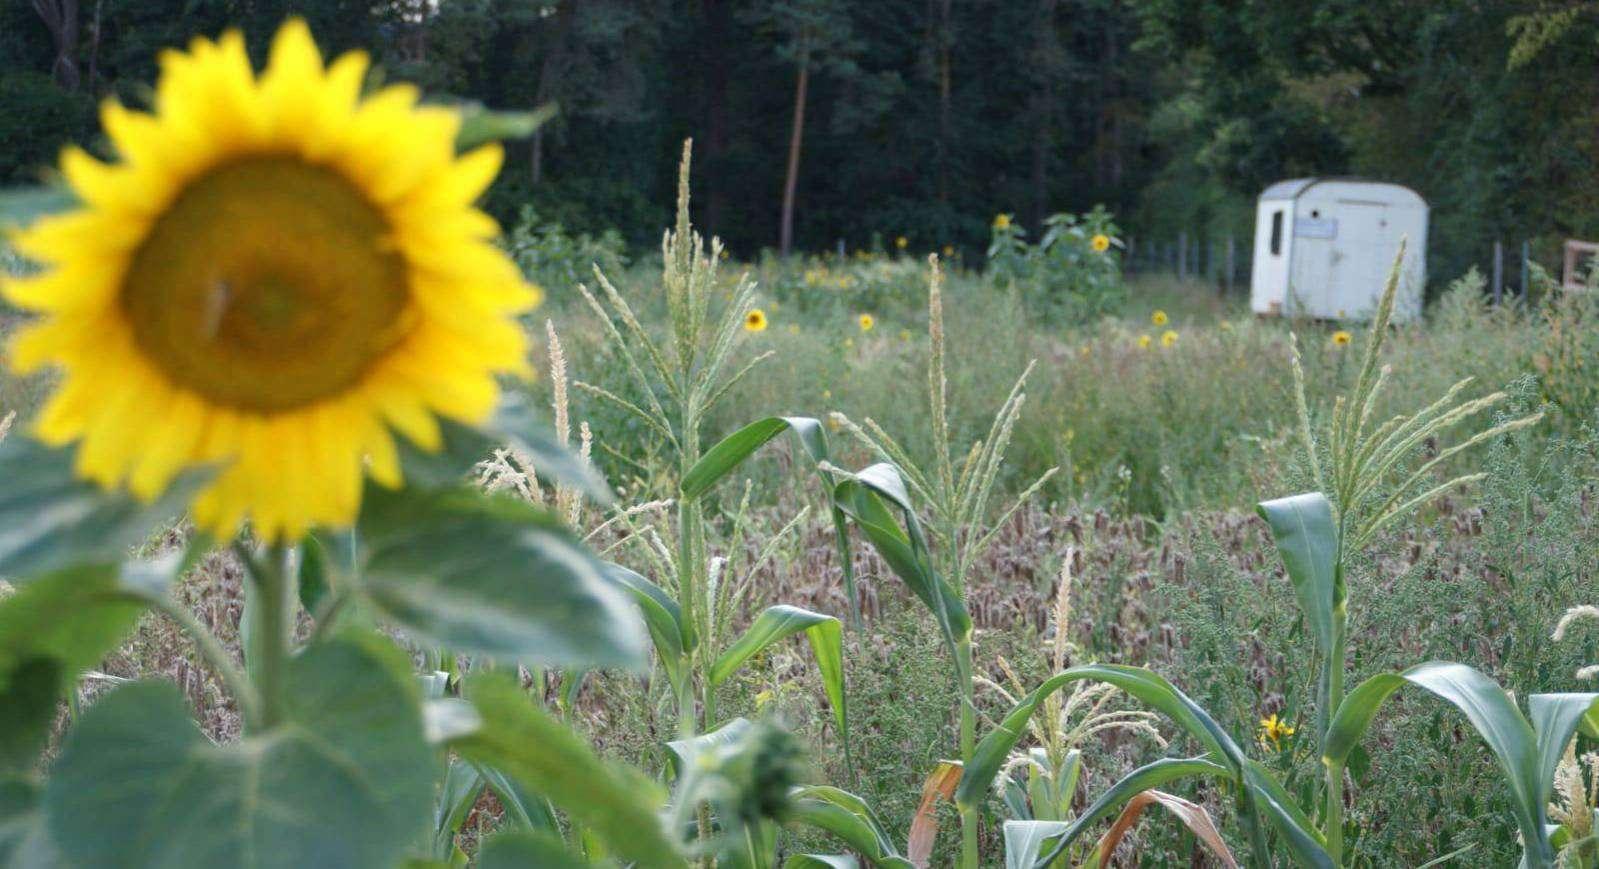 Schon im frühen Morgenlicht strahlt das Gelb der Sonnenblumen über den Saisongarten Bötersen.